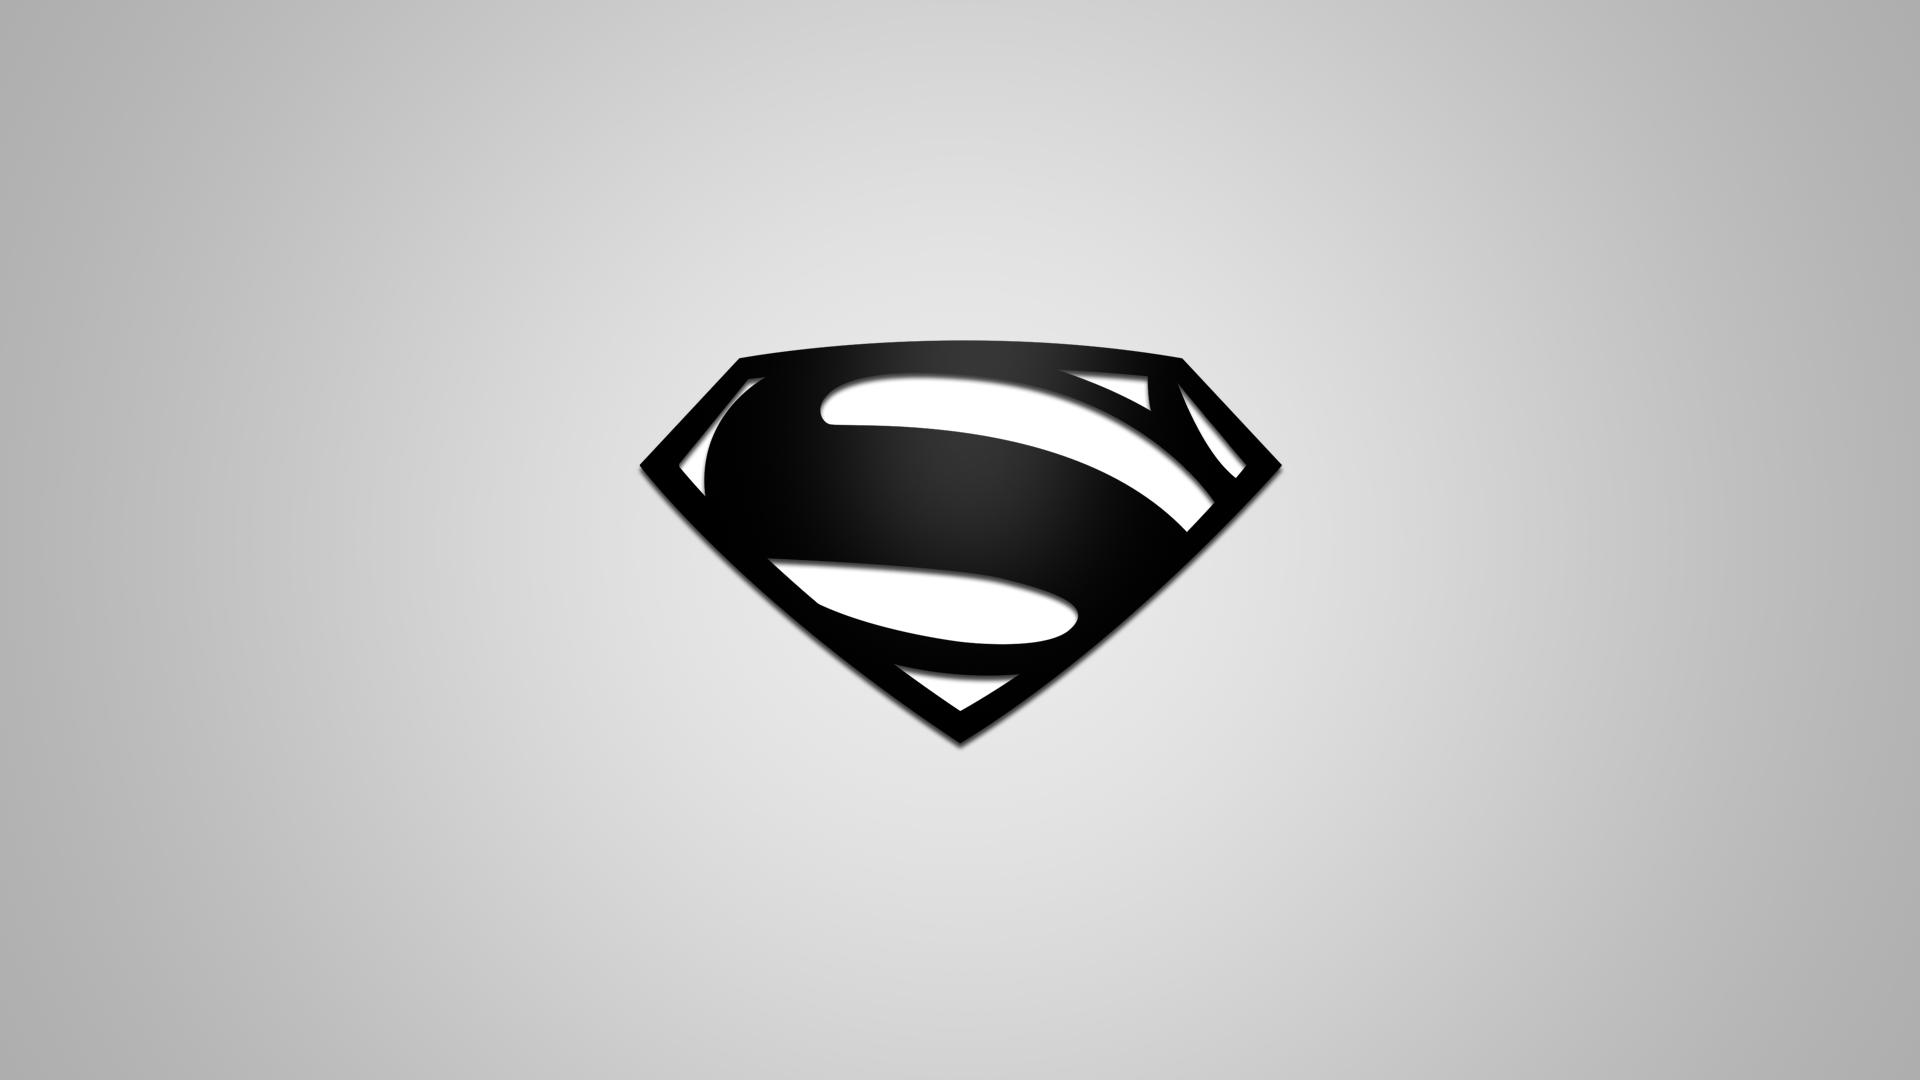 superman Tapety na komputer, tla pulpitu | 1440x1080 | ID:468444